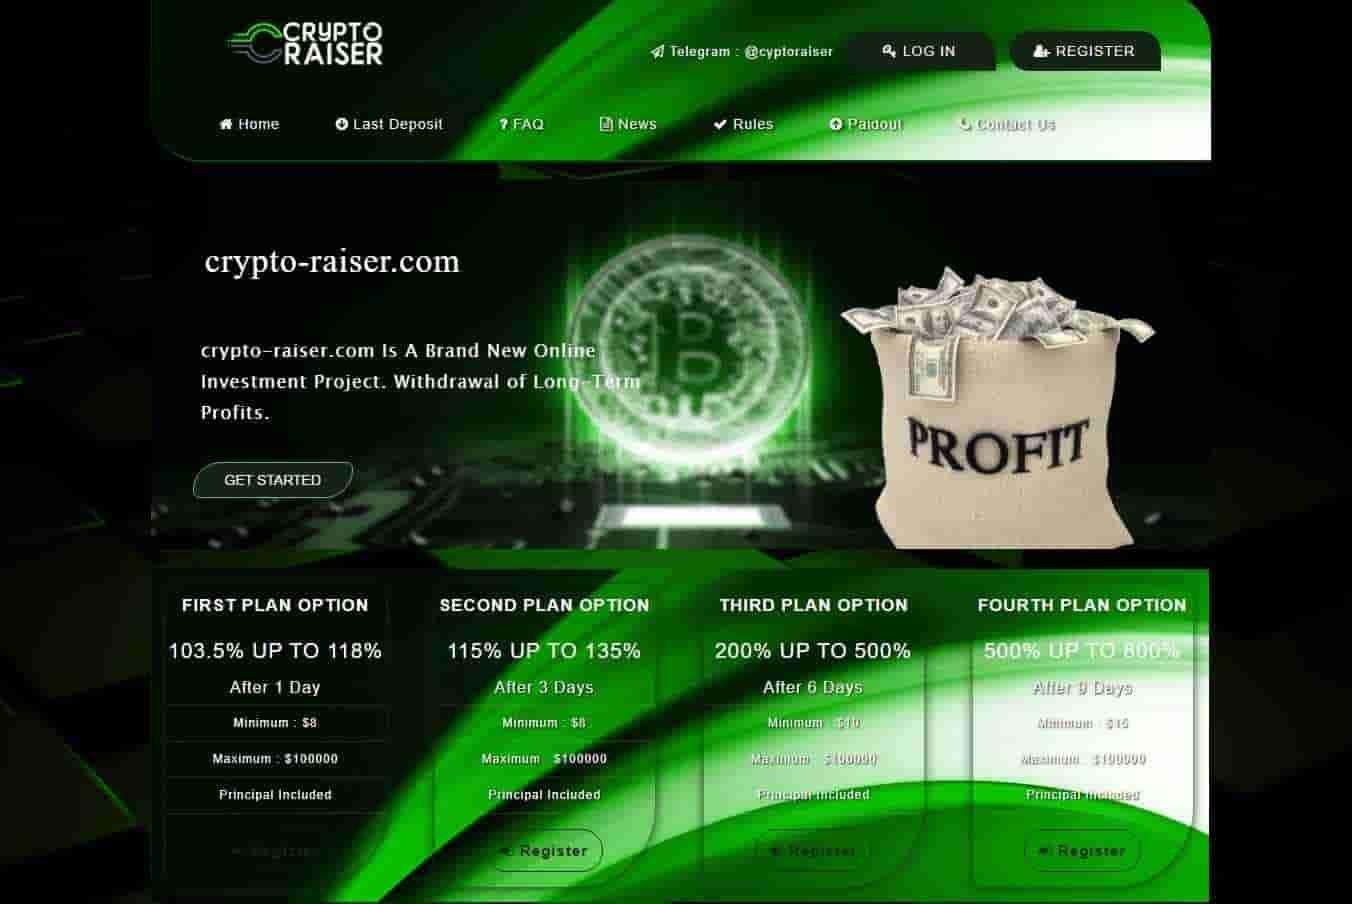 crypto-raiser